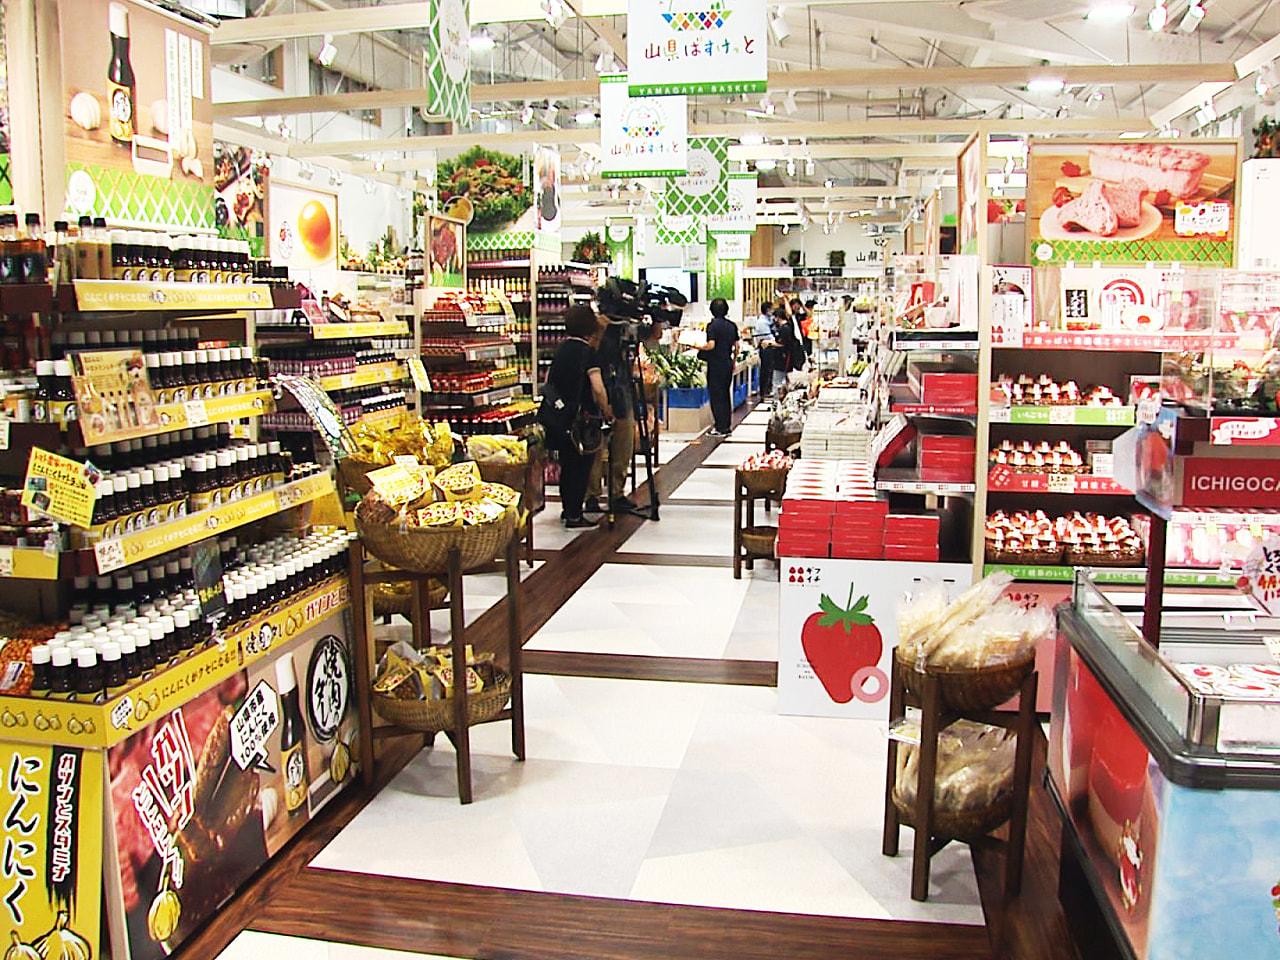 6月、岐阜県山県市に開業した市の新たな玄関口「山県バスターミナル」内に、地元の食...